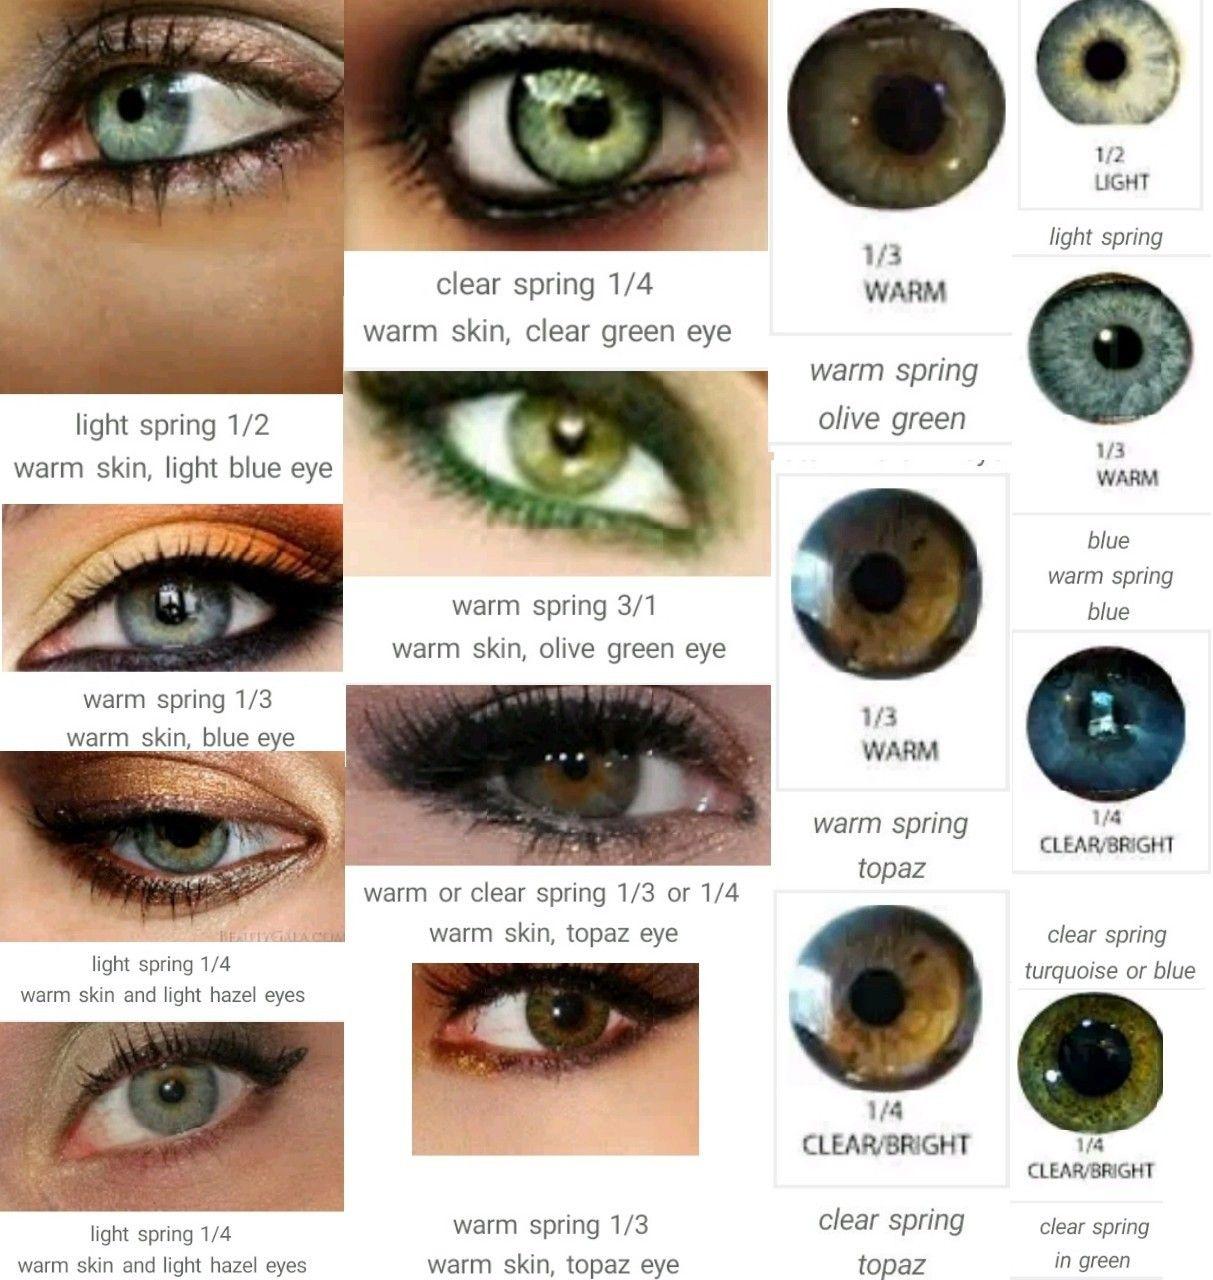 Warm Or Clear Spring Eye